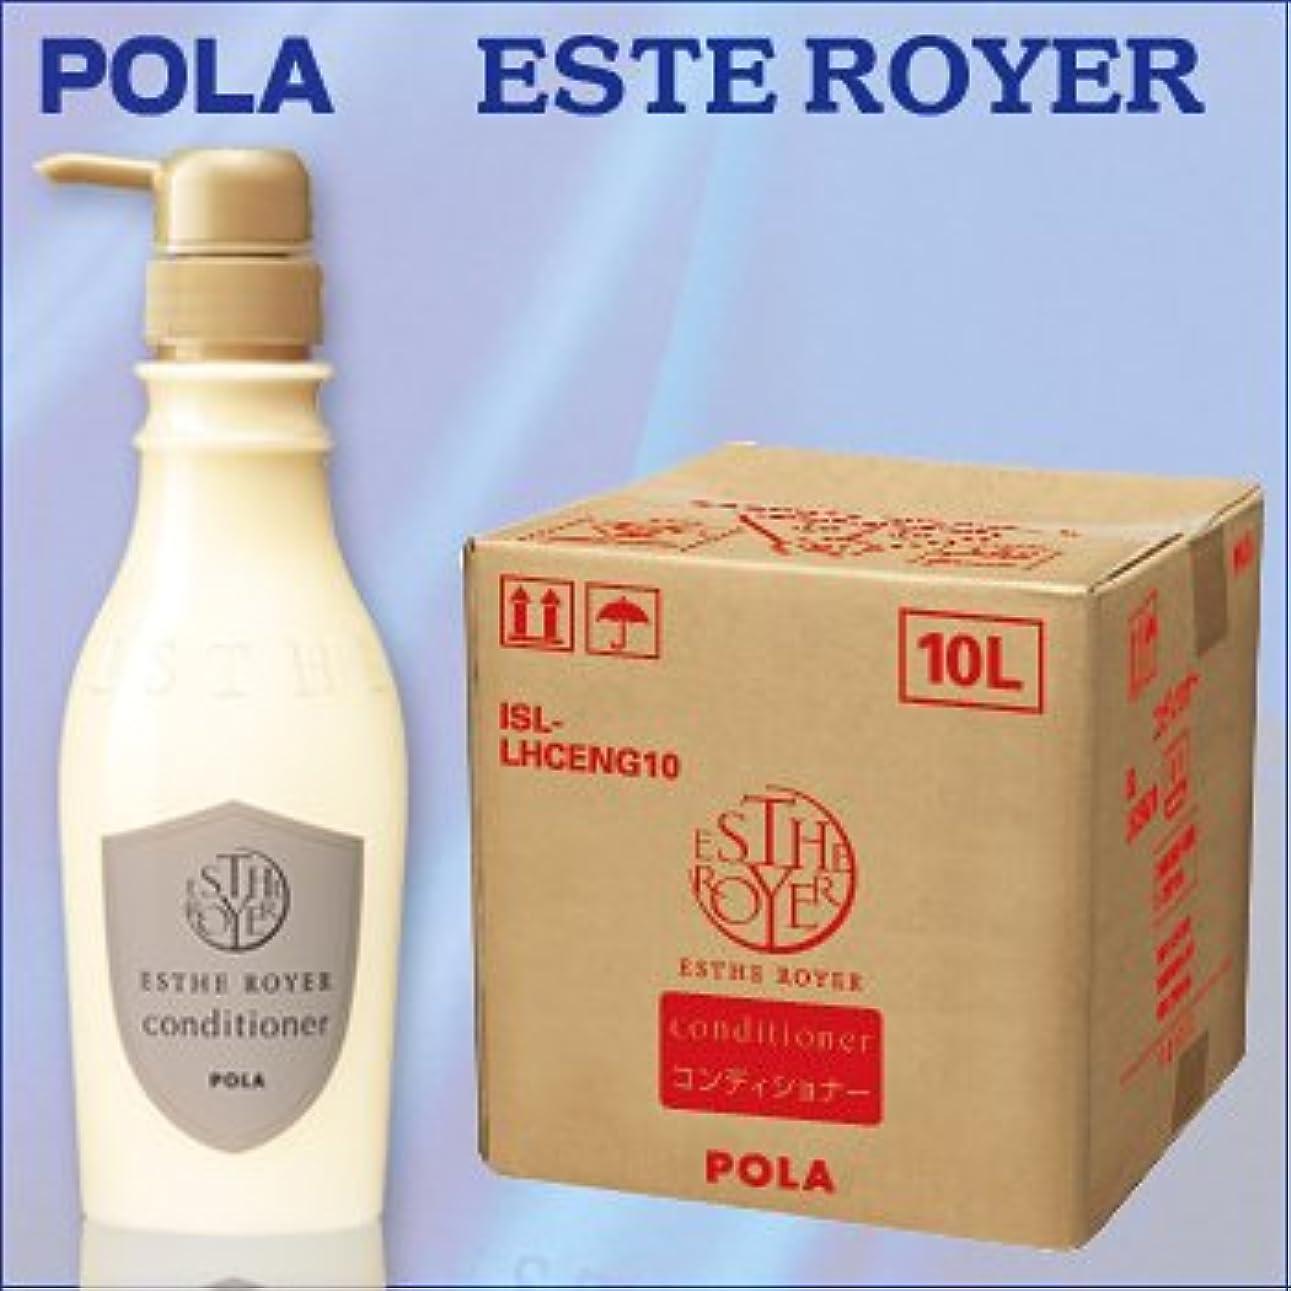 セラフシールド迷惑POLAエステロワイエ 業務用コンディショナー 10L (1セット10L入)